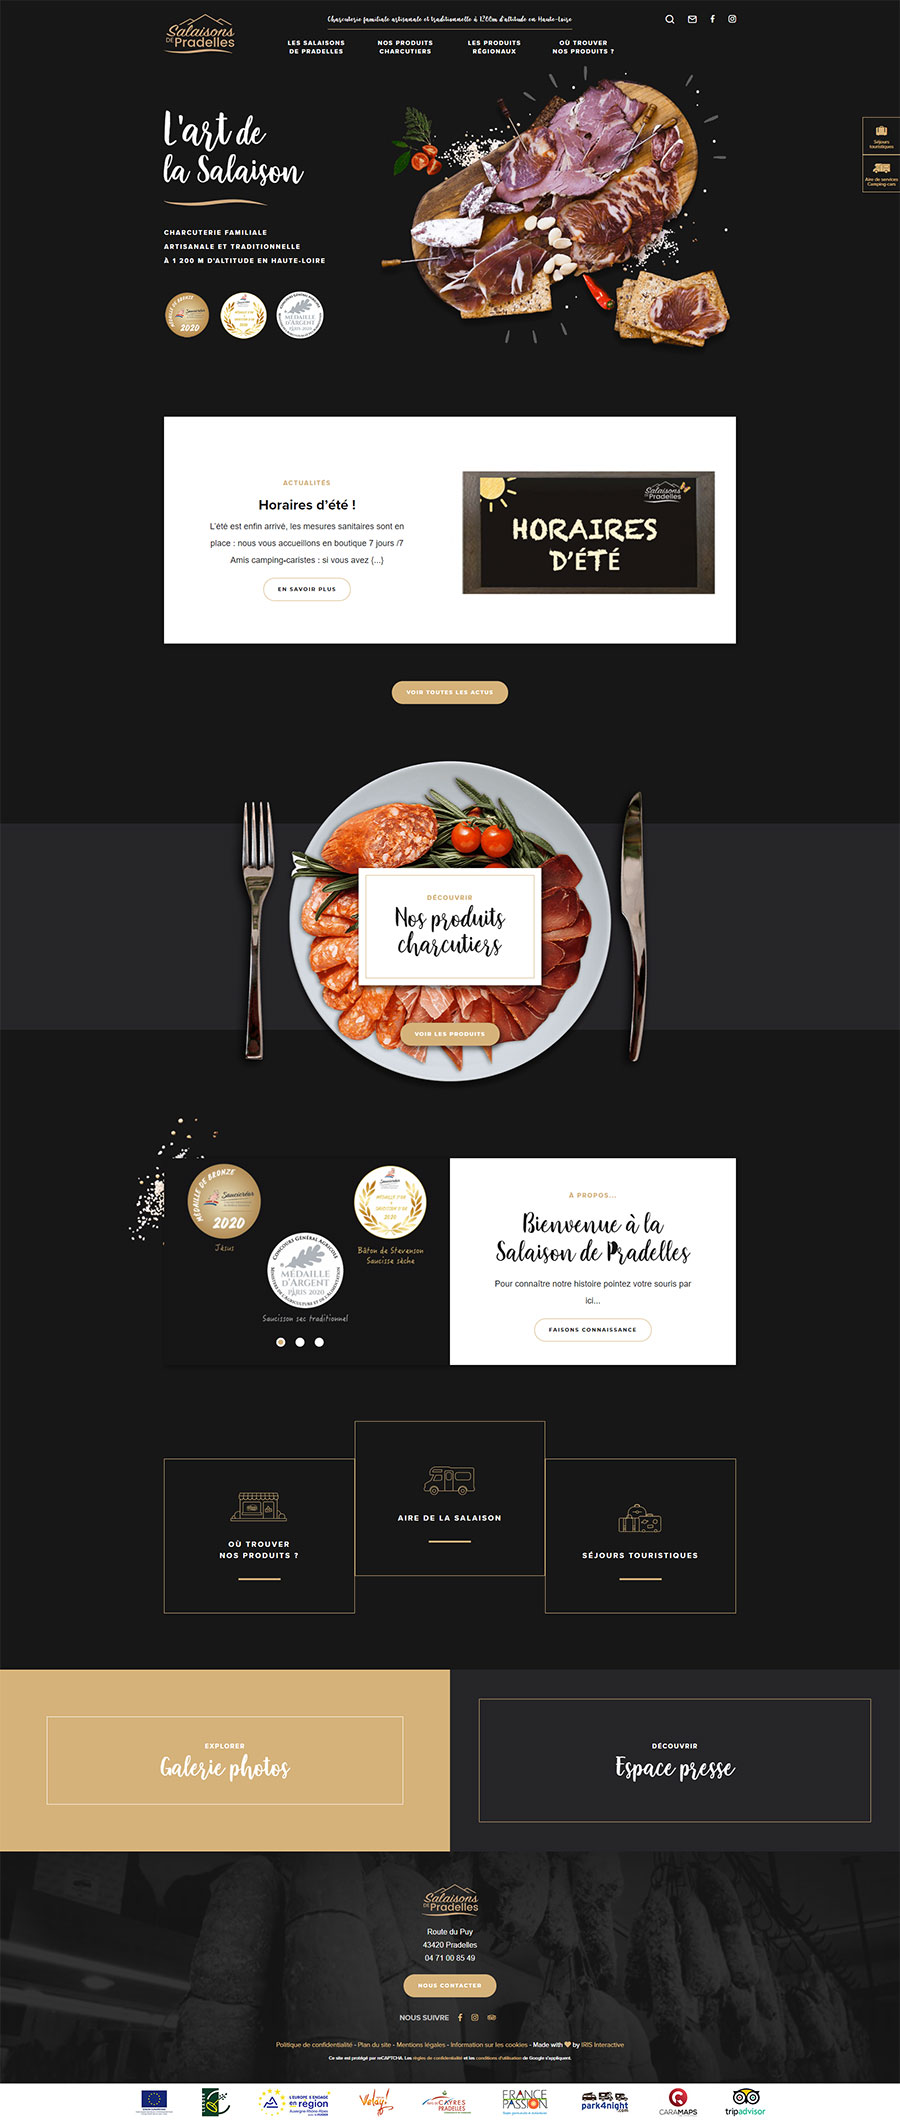 Maquette du site internet des salaisons de pradelles